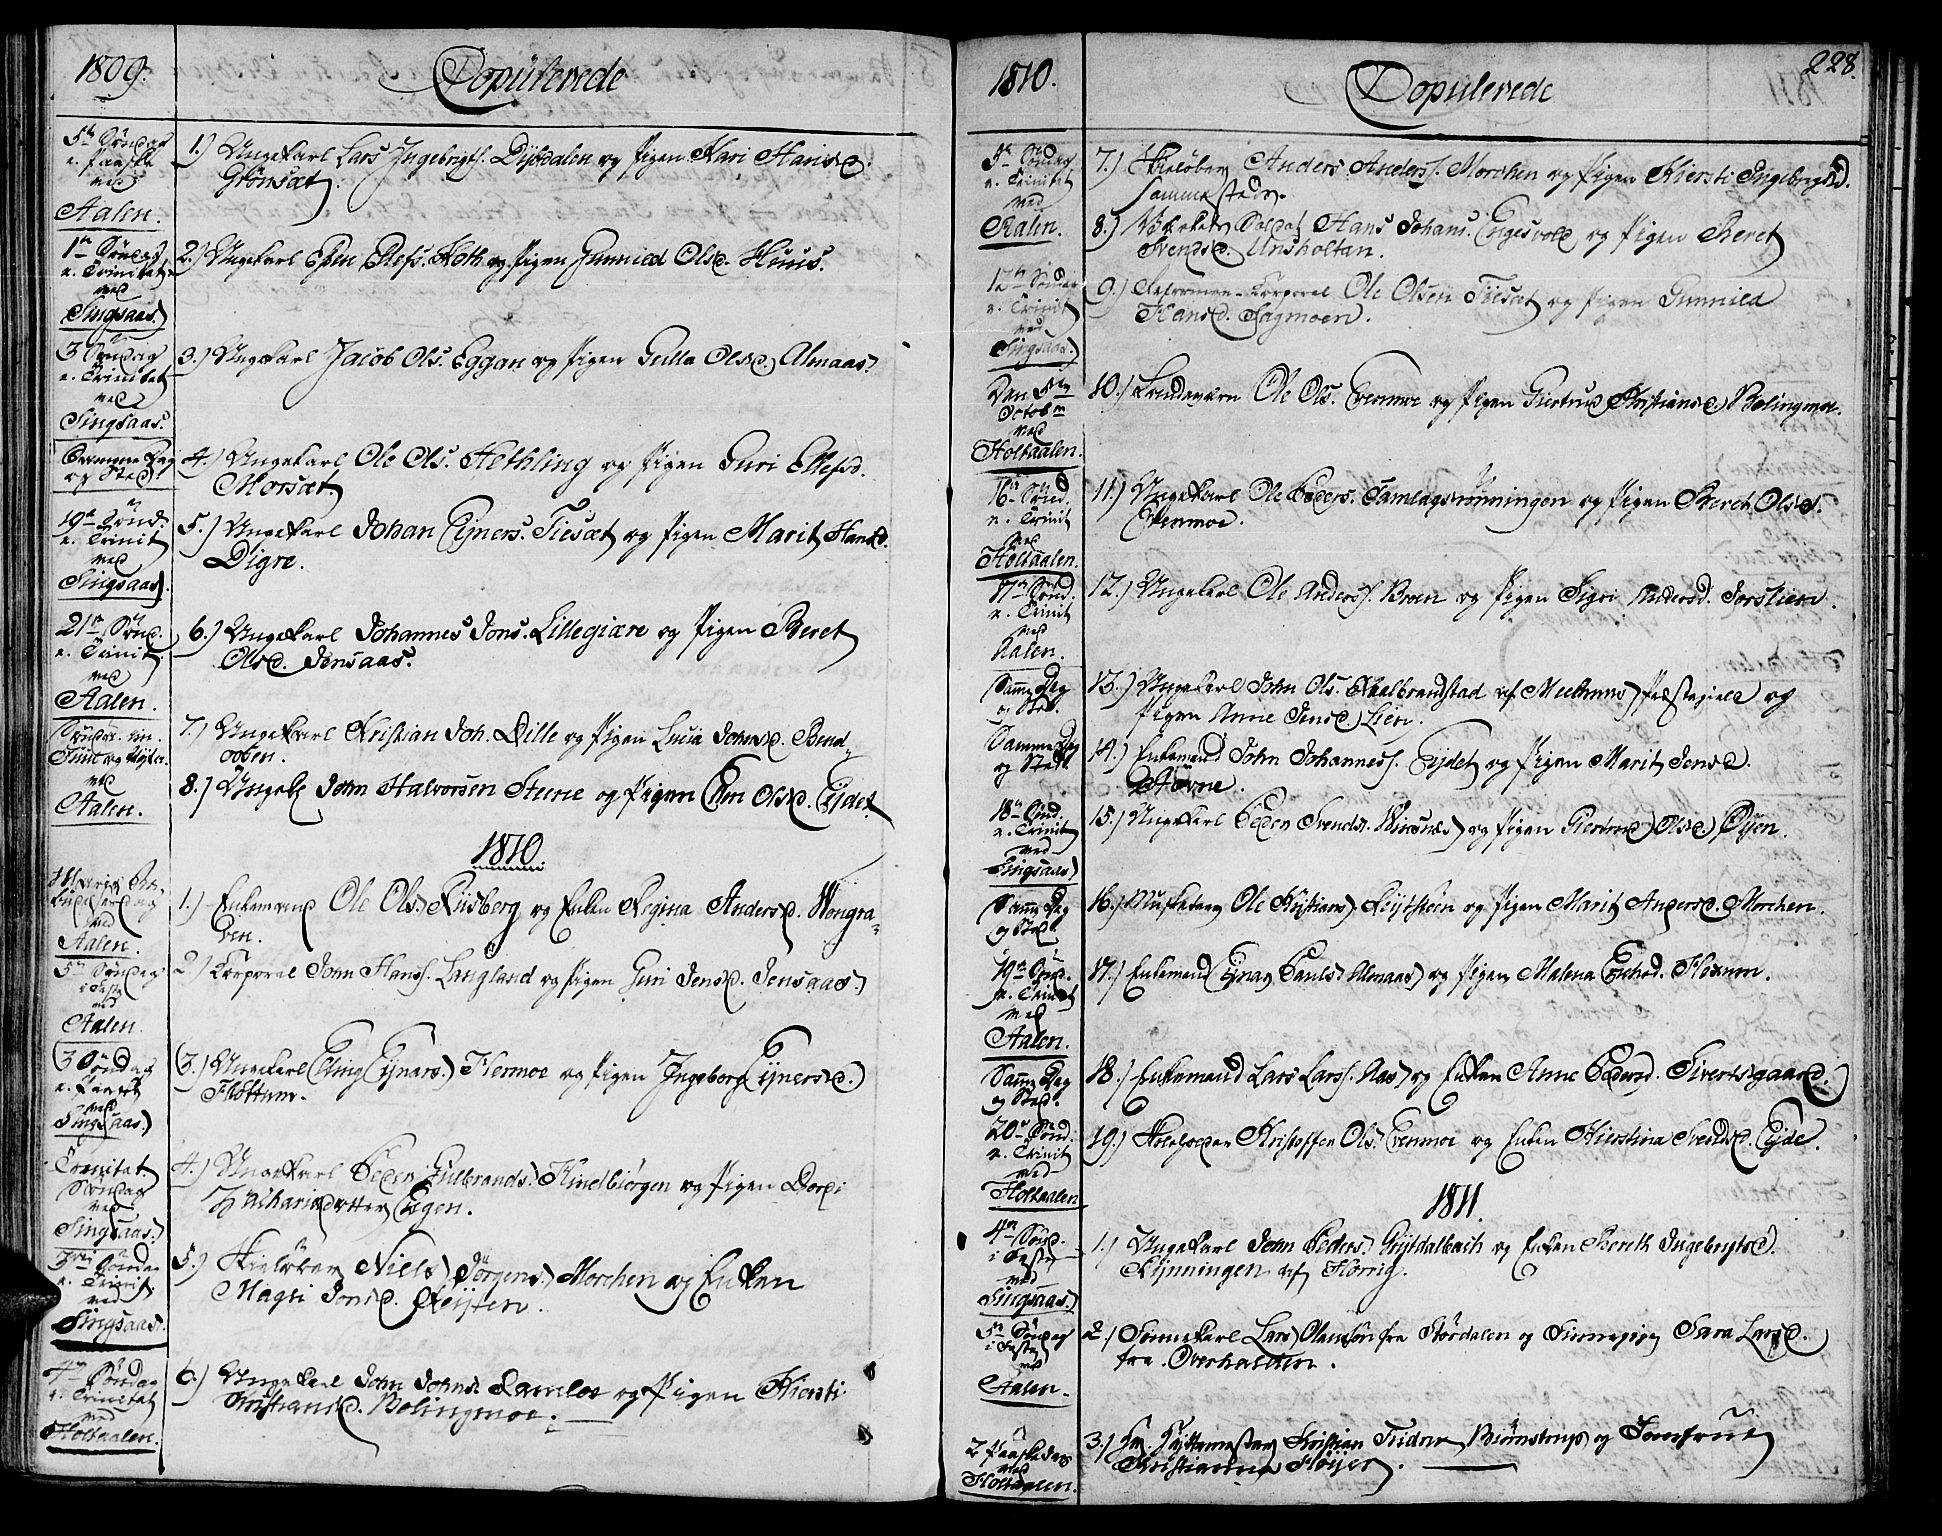 SAT, Ministerialprotokoller, klokkerbøker og fødselsregistre - Sør-Trøndelag, 685/L0953: Ministerialbok nr. 685A02, 1805-1816, s. 228